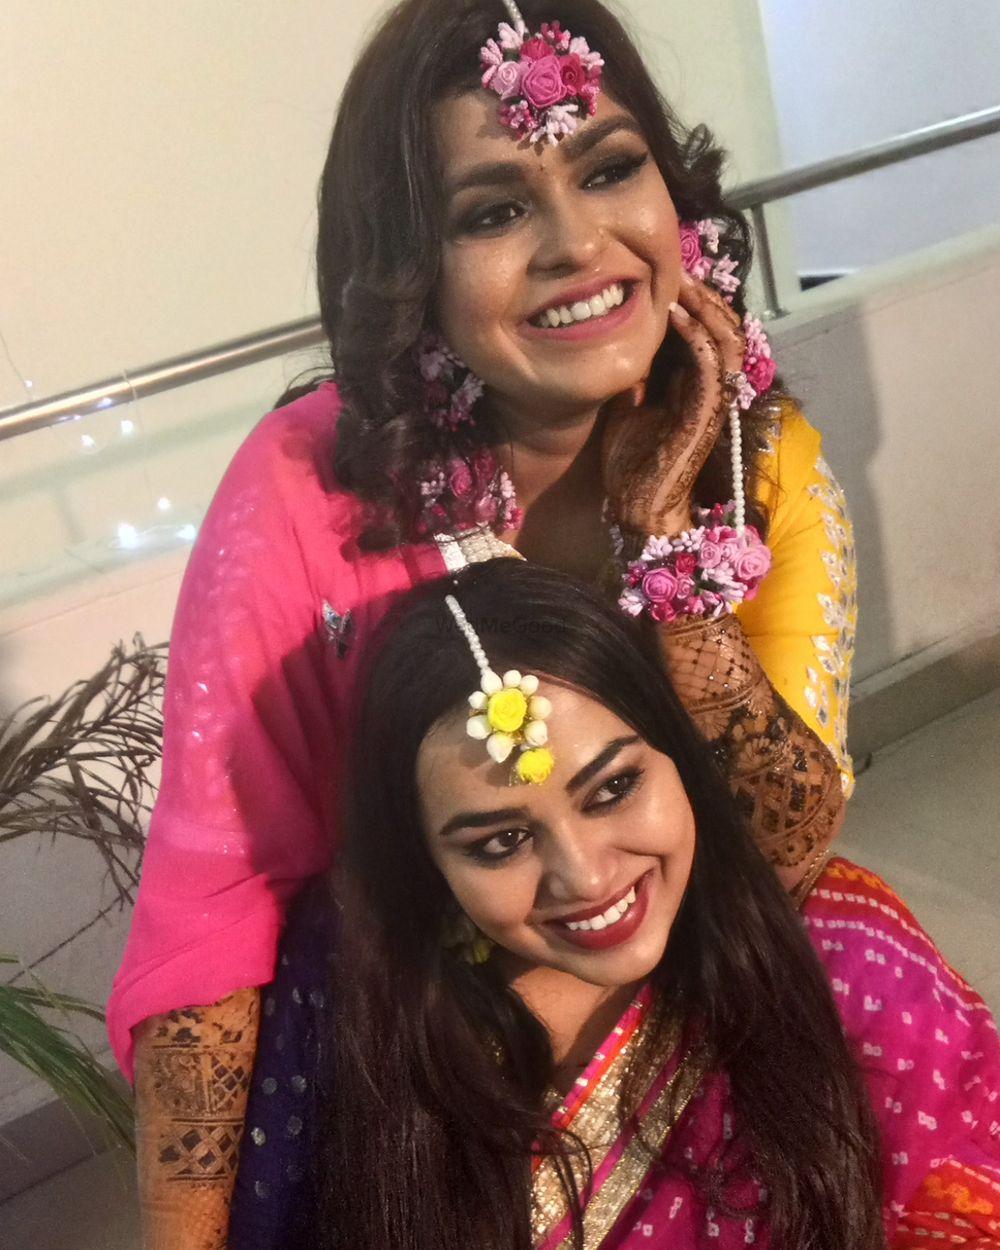 Photo From Khushi Singh bridal mehendi at gurgaon - By Shalini Mehendi Artist